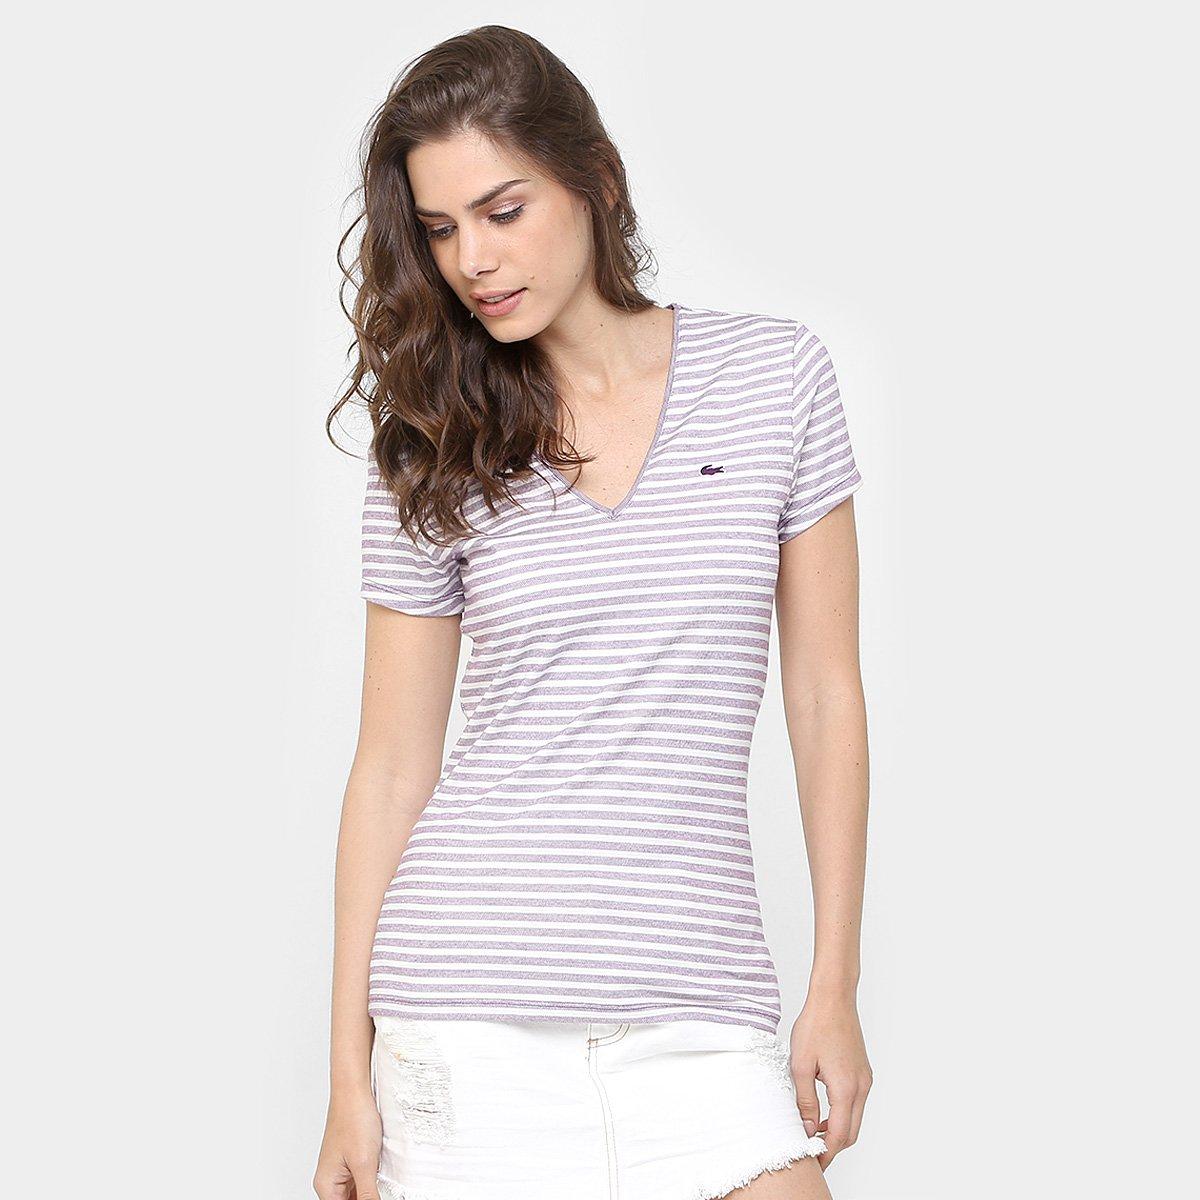 013d5f38a86b4 Camiseta Lacoste Listrada - Compre Agora   Netshoes